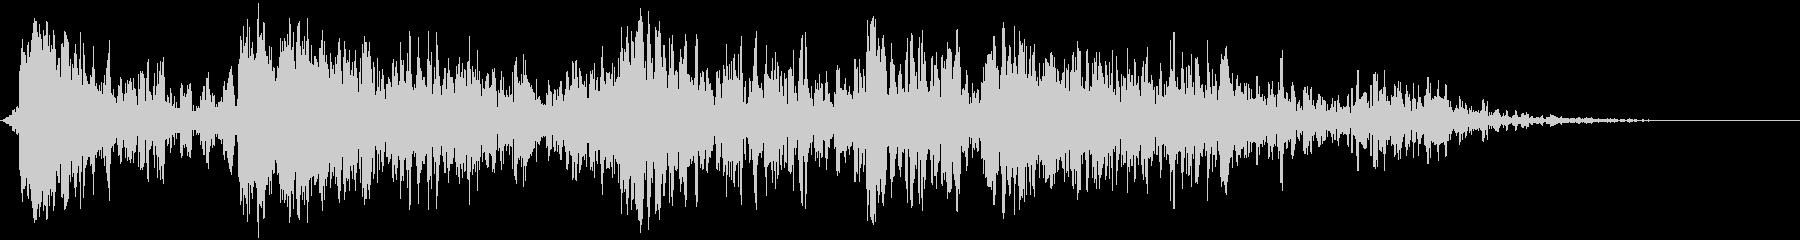 ヘビーサンダーランブル、ウェザーサ...の未再生の波形